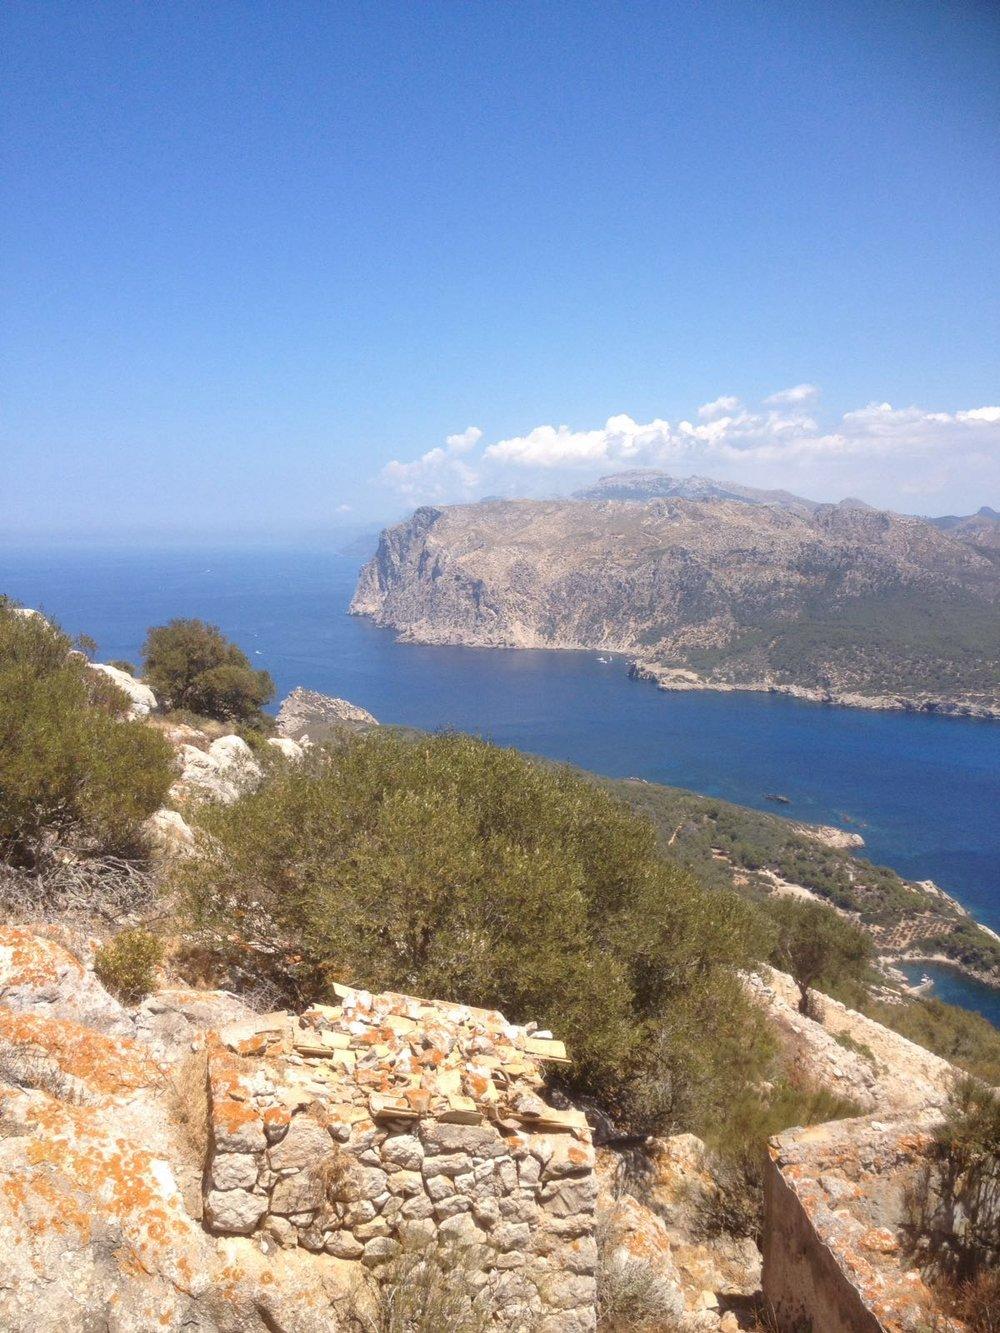 Looking back towards Mallorca from Dragonera